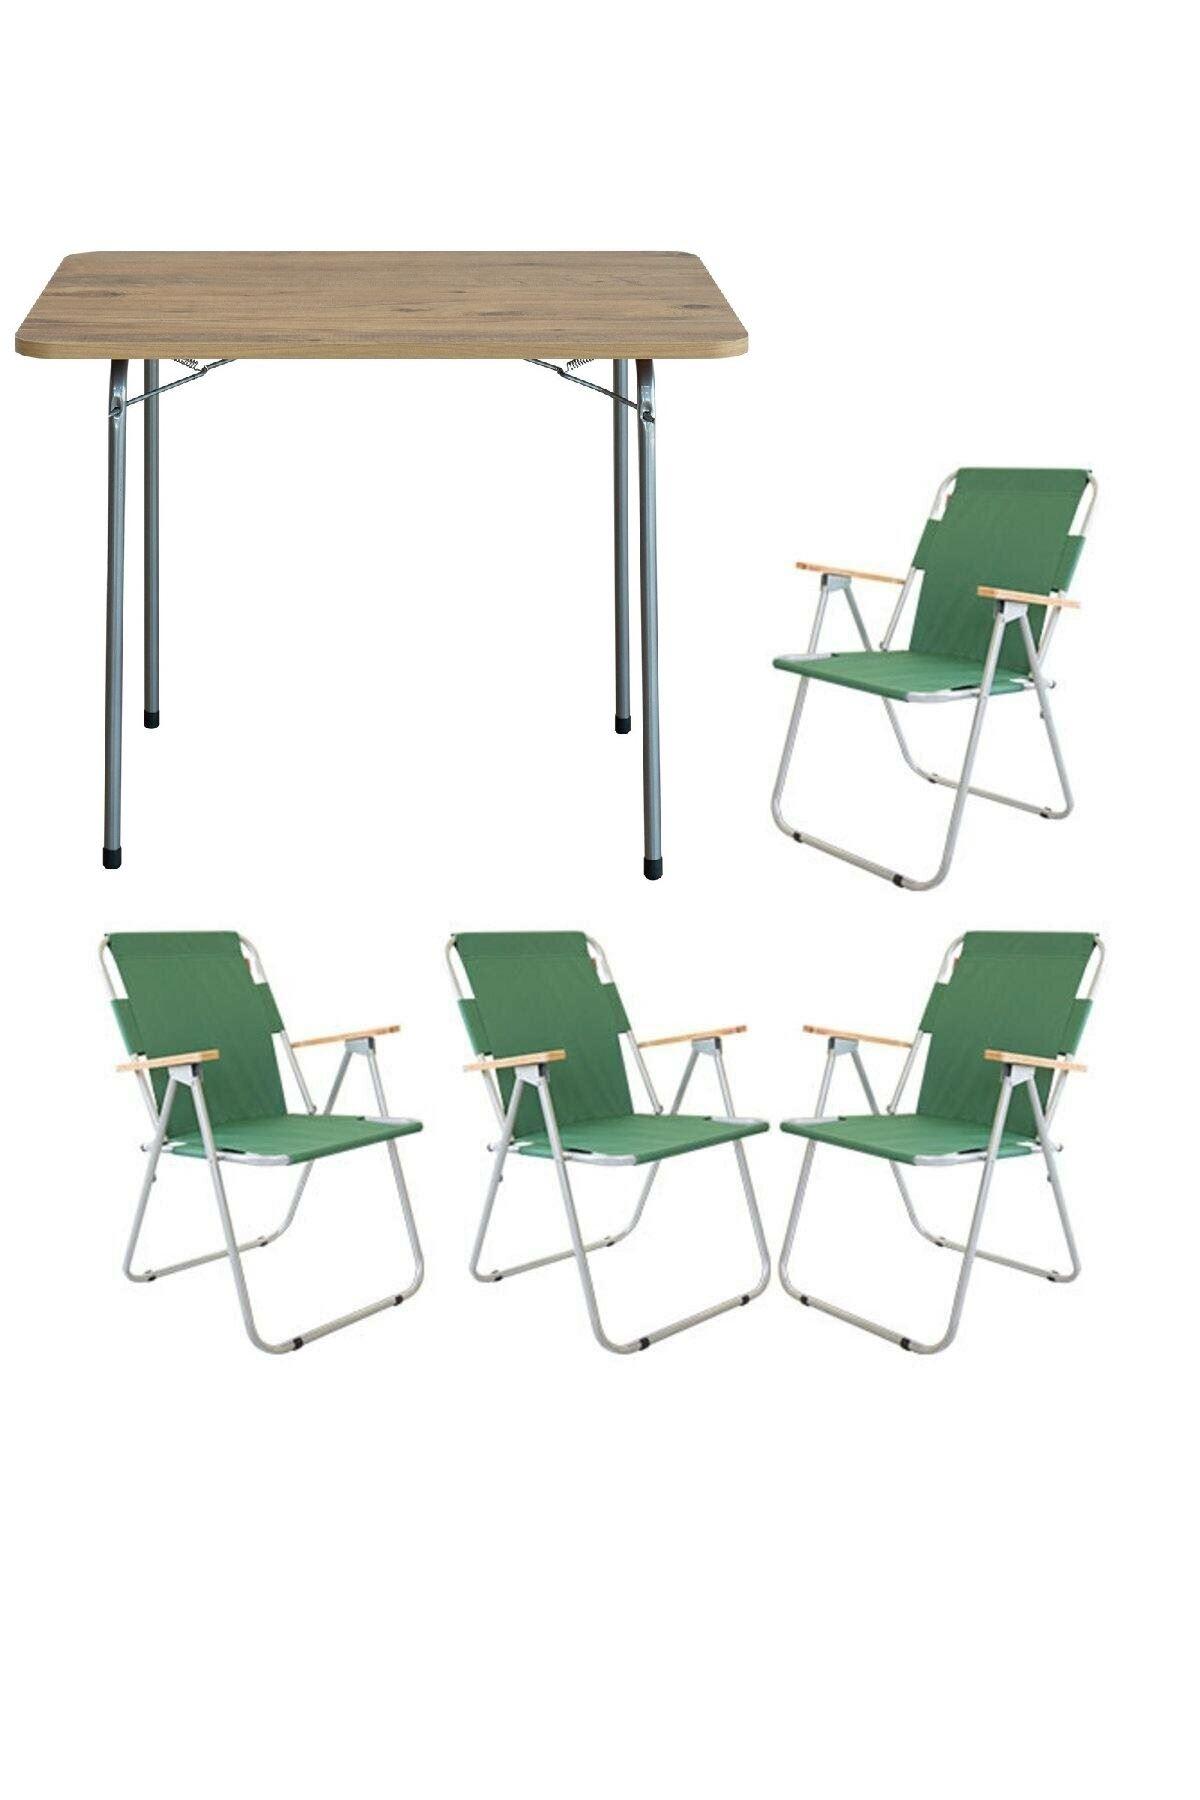 Bofigo 60x80 Çam Katlanır Masa + 4 Adet Katlanır Sandalye Kamp Seti Bahçe Balkon Takımı Yeşil